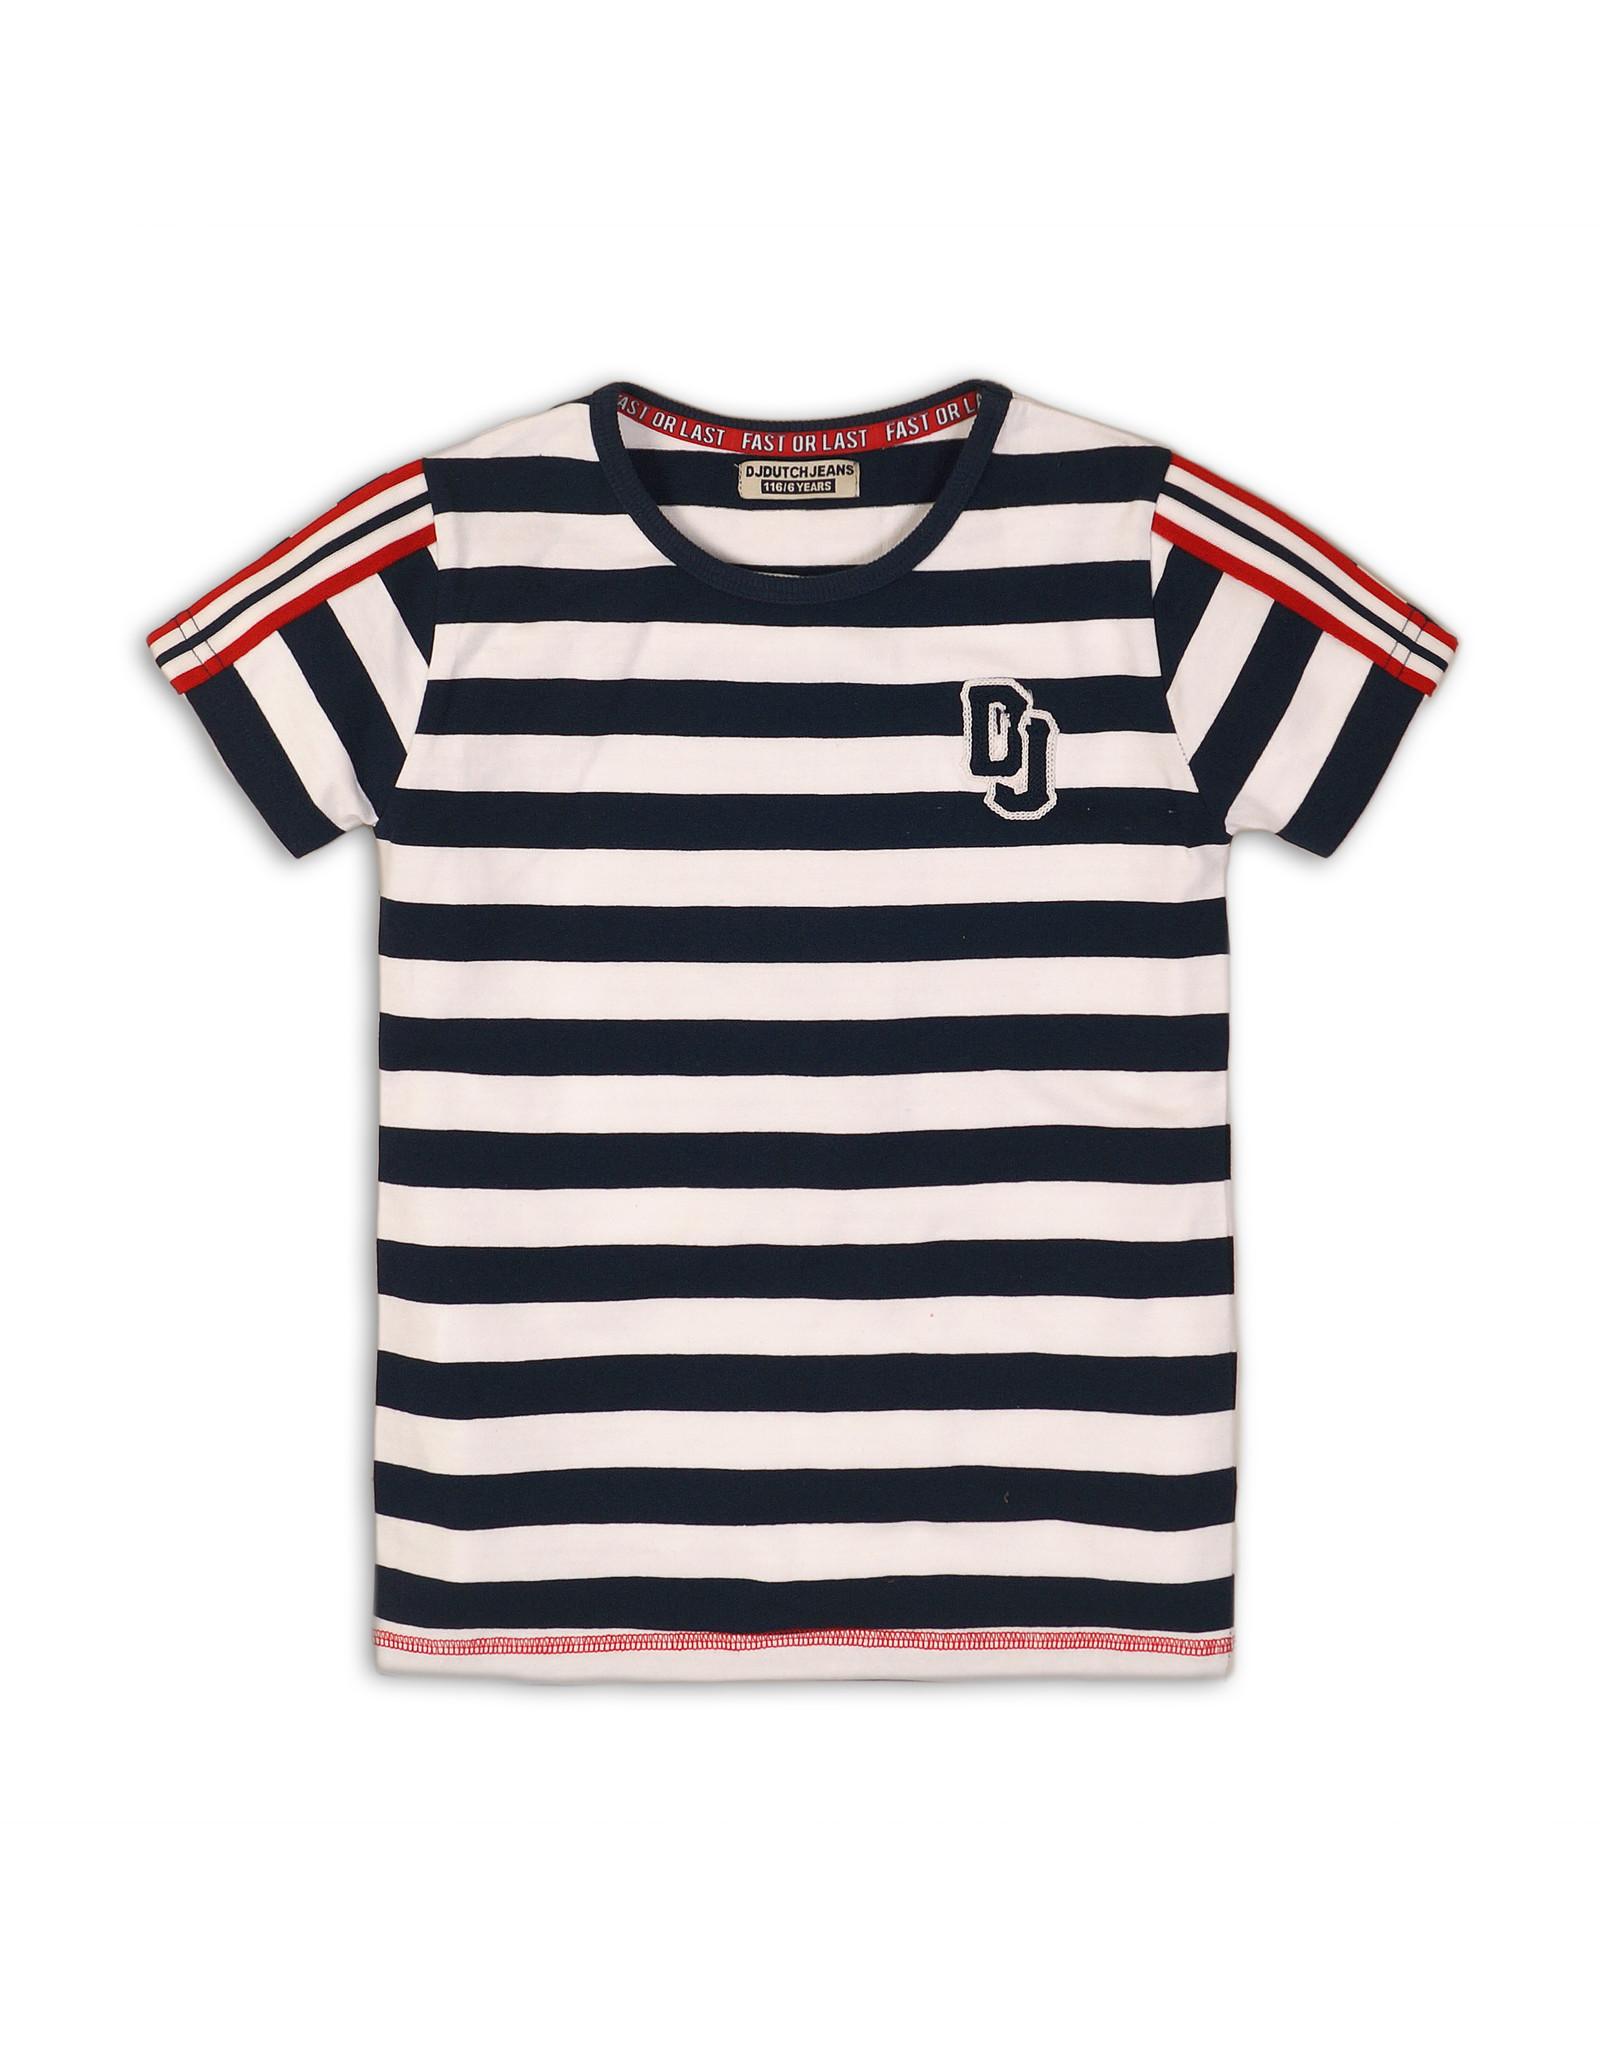 Dutch Jeans T-shirt, 45C-34119